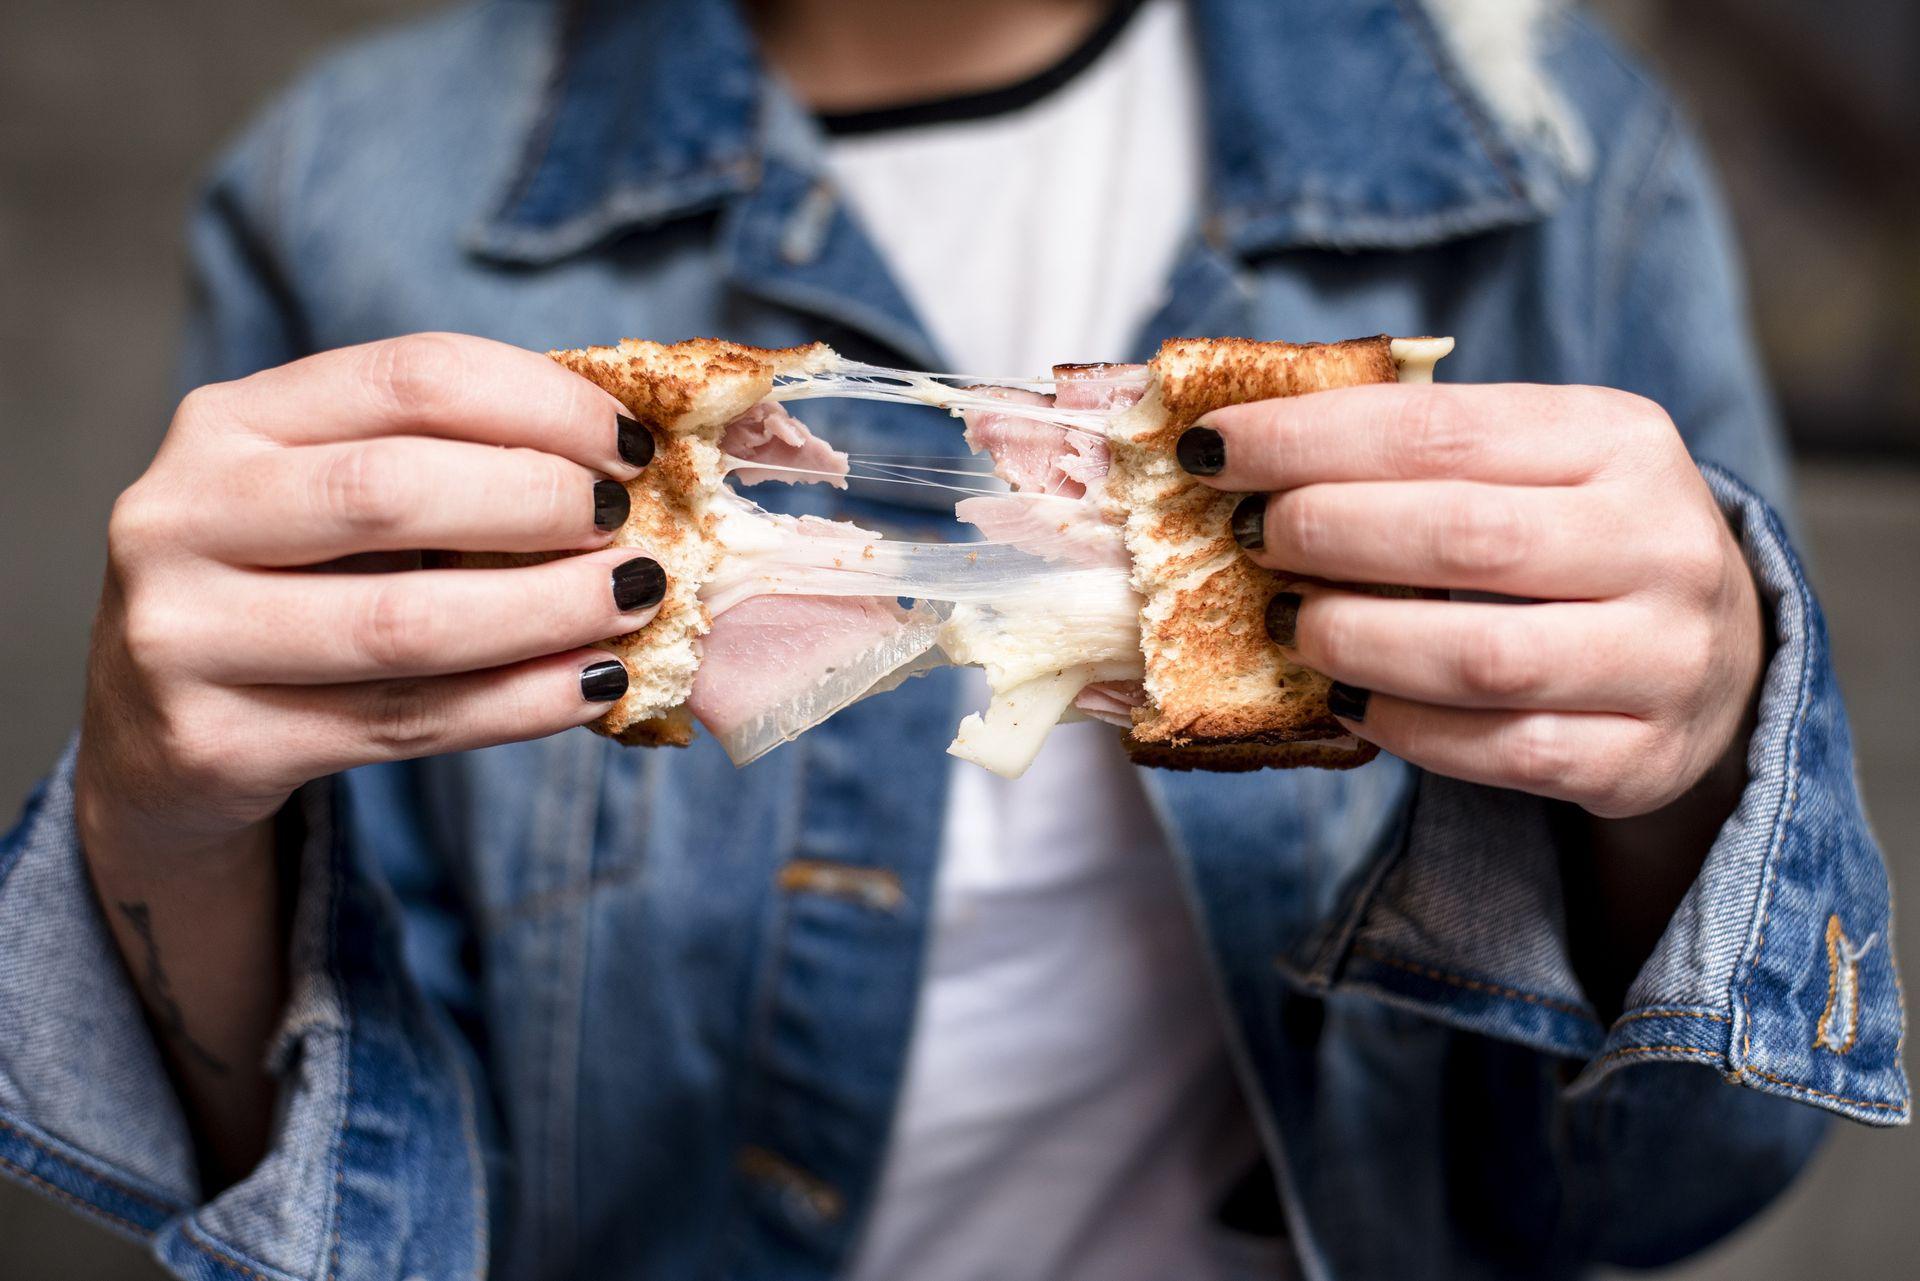 En París Crepas ofrecen versiones de crêpes dulces y saladas, pero también sándwiches de autor.